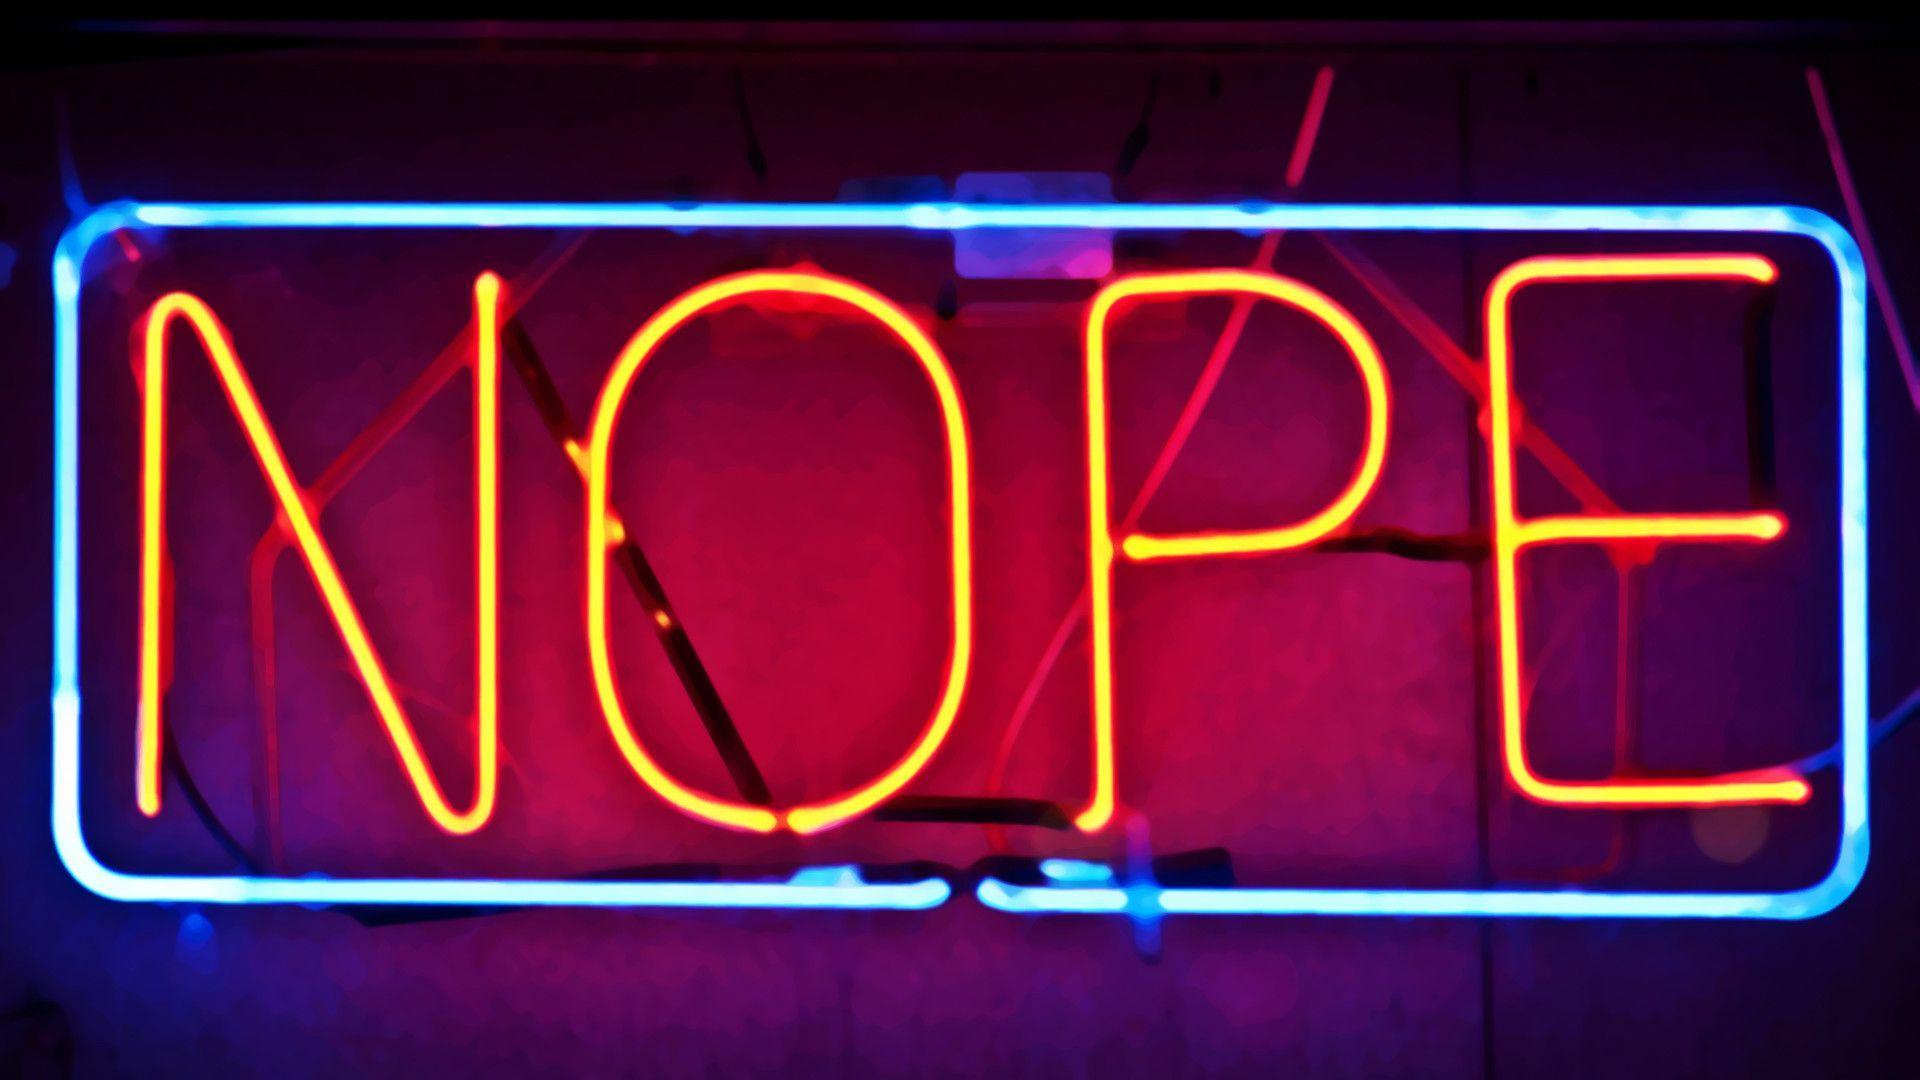 Neon Aesthetic Lights Desktop Wallpapers - Wallpaper Cave